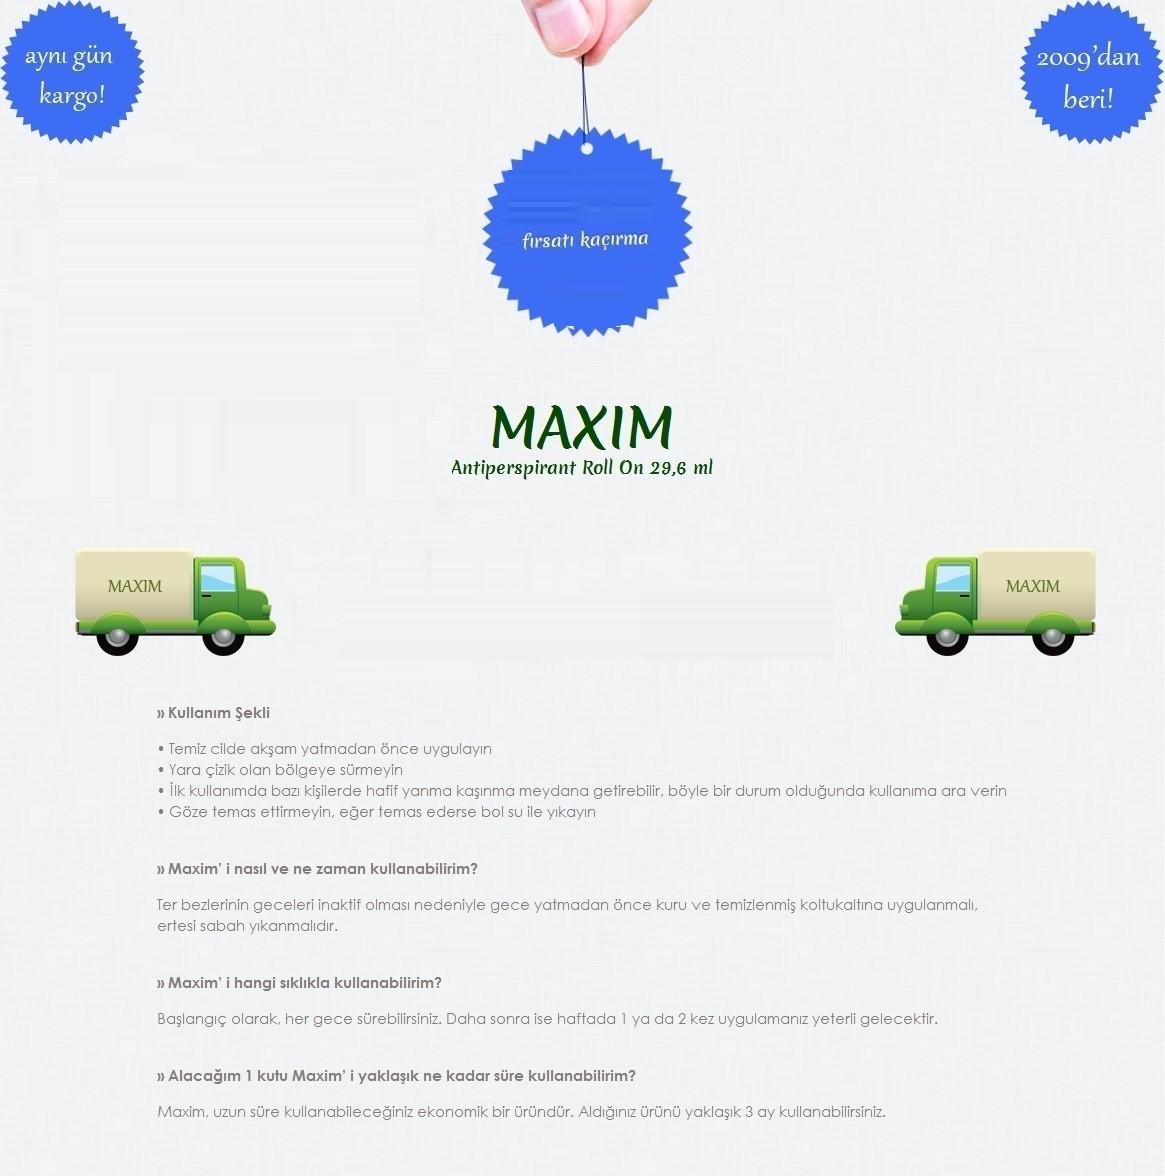 Maxim Roll On Fiyat Taksit Seenekleri Ile Satn Al Antiperspirant Deodorant Rol Uzun Sre Kullanabileceiniz Ekonomik Bir Rndr Aldnz Rn Yaklak 3 Ay Kullanabilirsiniz